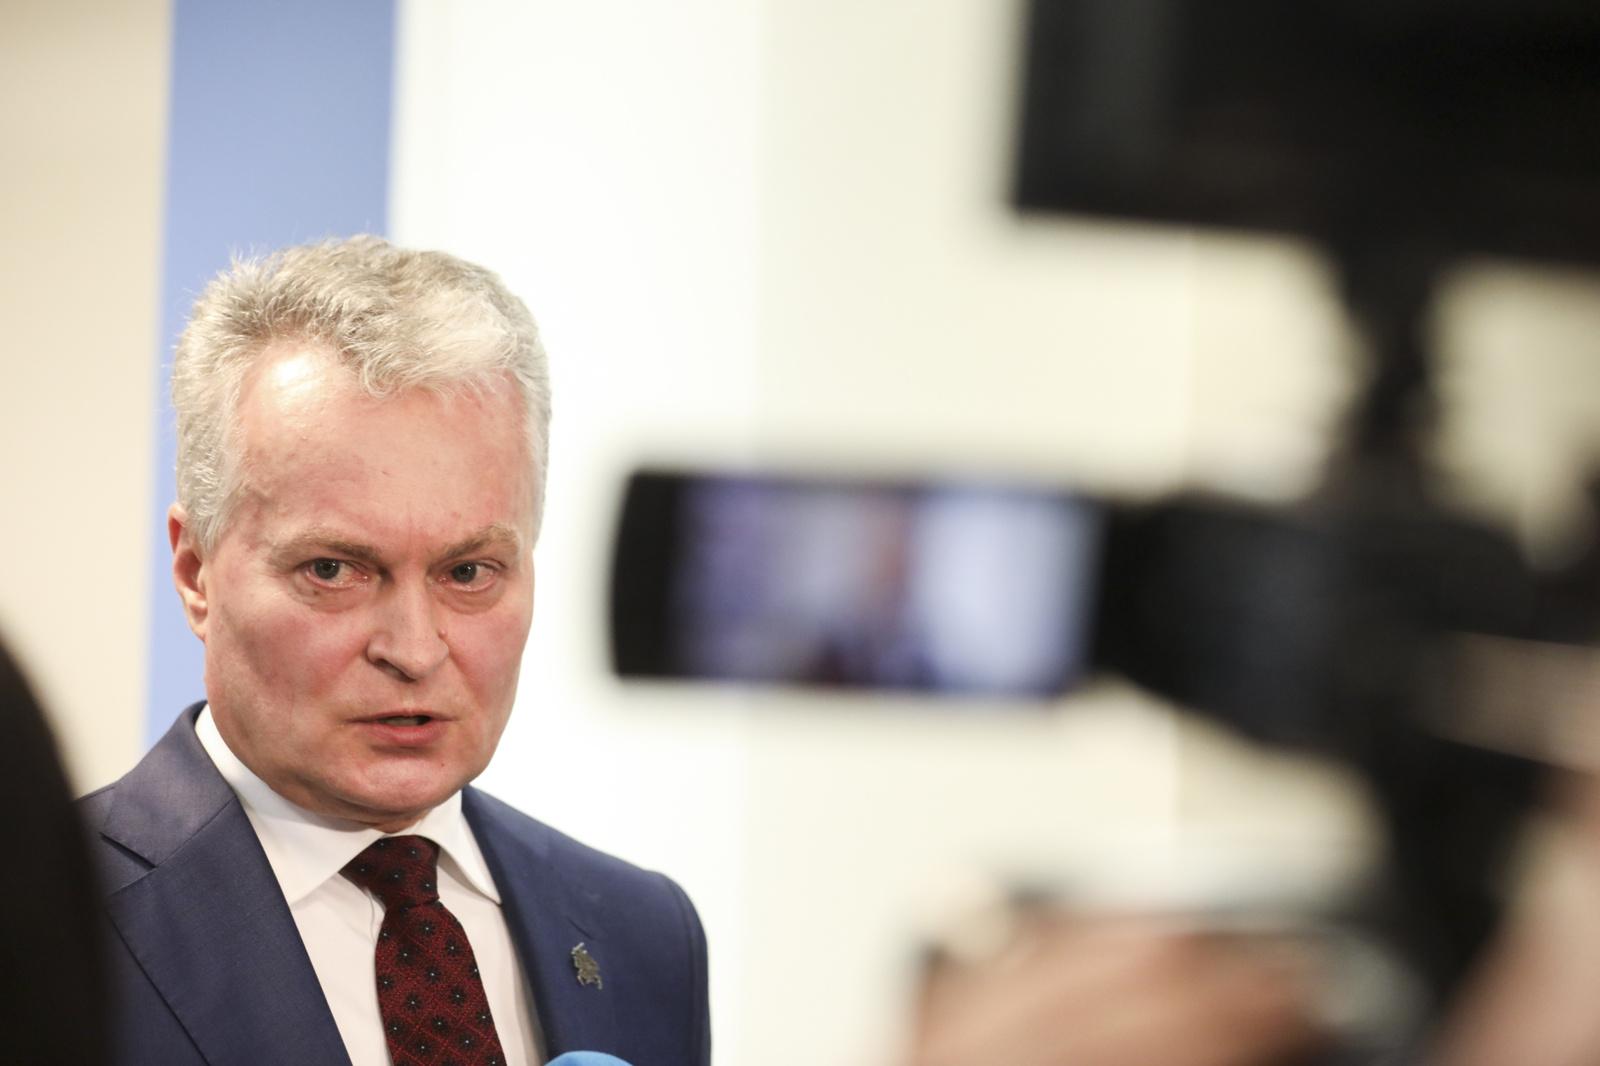 G. Nausėda apie R. Karbauskio bandymą pridengti J. Narkevičių: lūkesčiai nepagrįsti